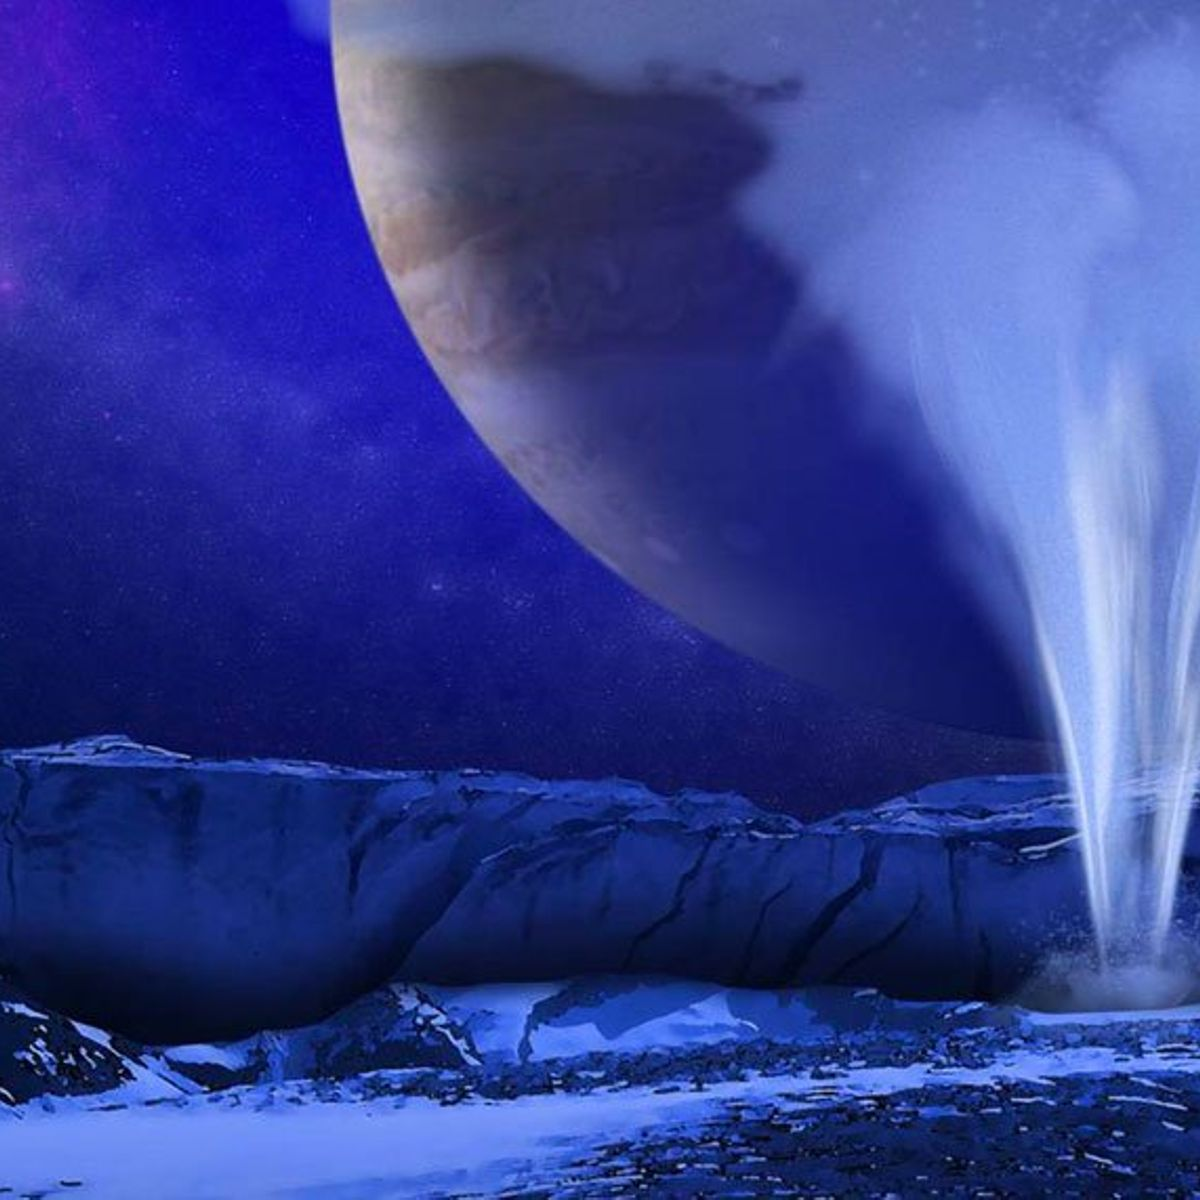 ربما نجد الحياة على أقمار مجموعتنا الشمسية.. لكنها ستختلف عن الحياة على كوكبنا! - ما هو شكل الحياة الفضائية التي قد نجدها خارج الأرض